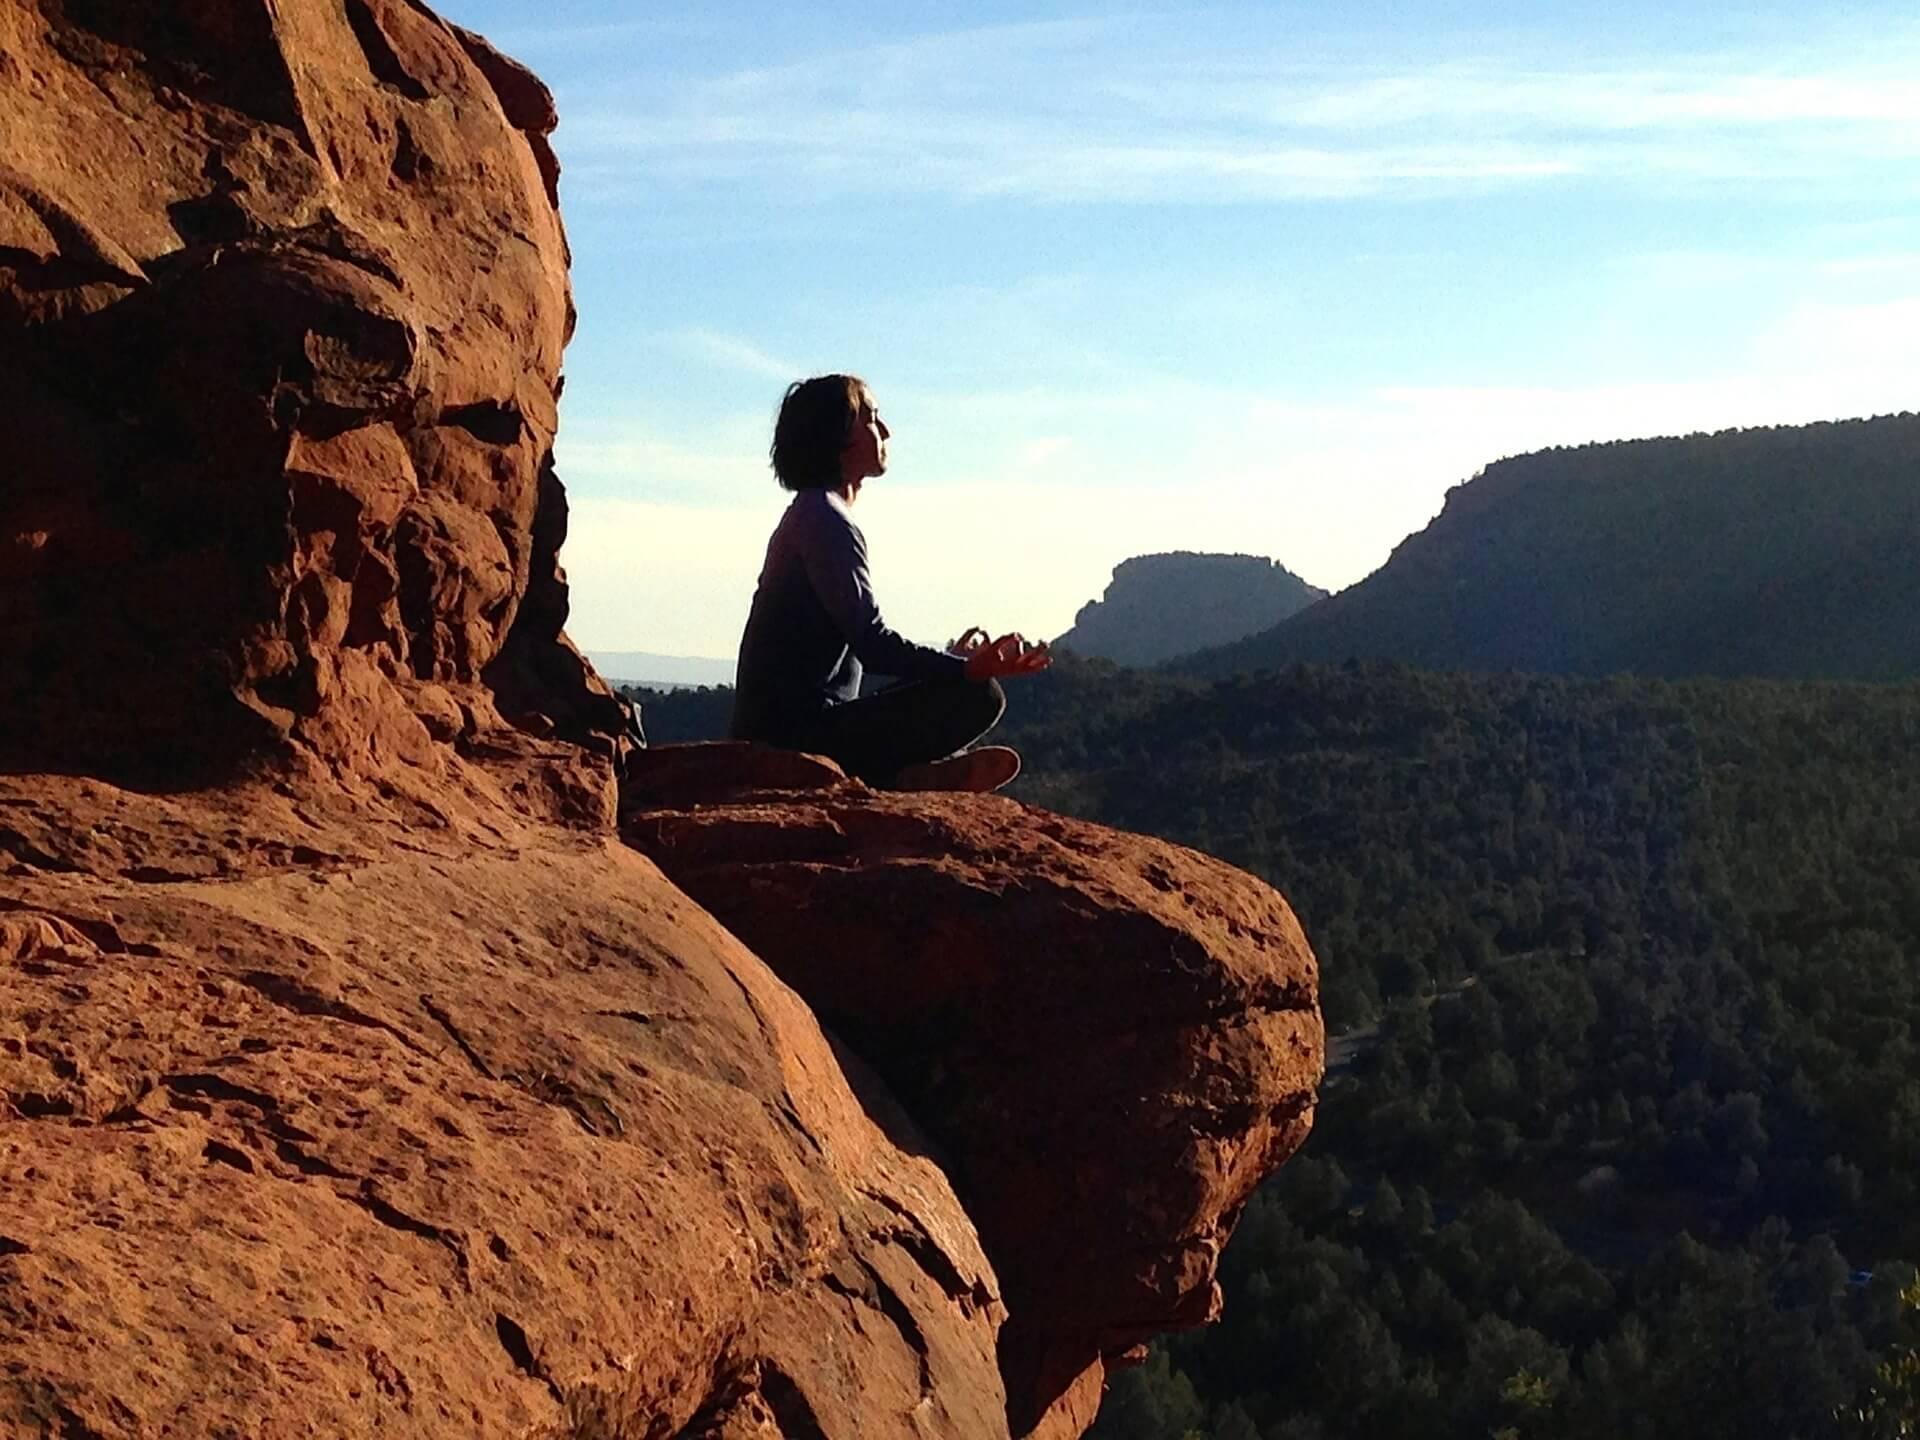 medytacja, jak rozpoczac medytowanie, praktyka medytacji, mity na temat medytacji, po co medytować, rozój intuicji, rozwój duchowy, rozój osobisty, jak odnaleźć swoją drogę w życiu, jak odnaleźć sens życia, jak odnaleźć siebie